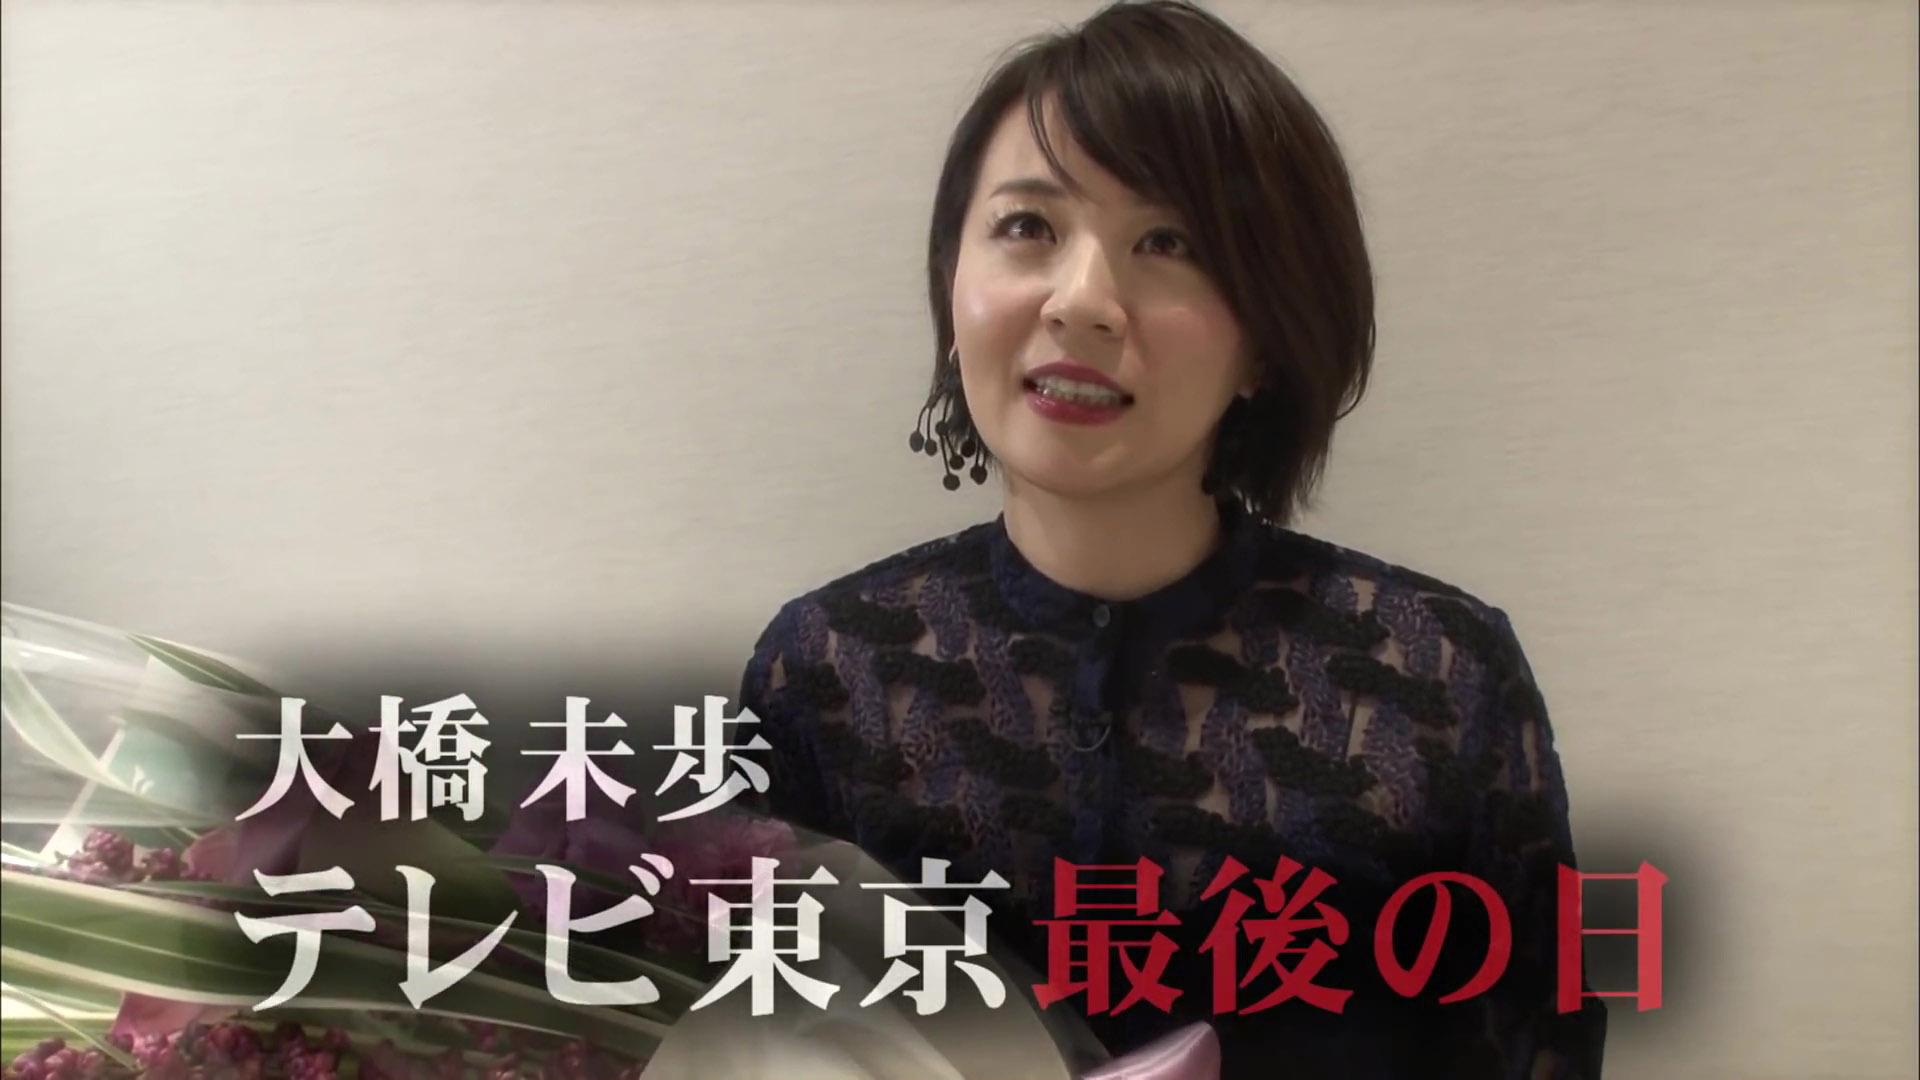 大橋未歩アナ TV東京フィニッシュの日は透け透け衣装☆